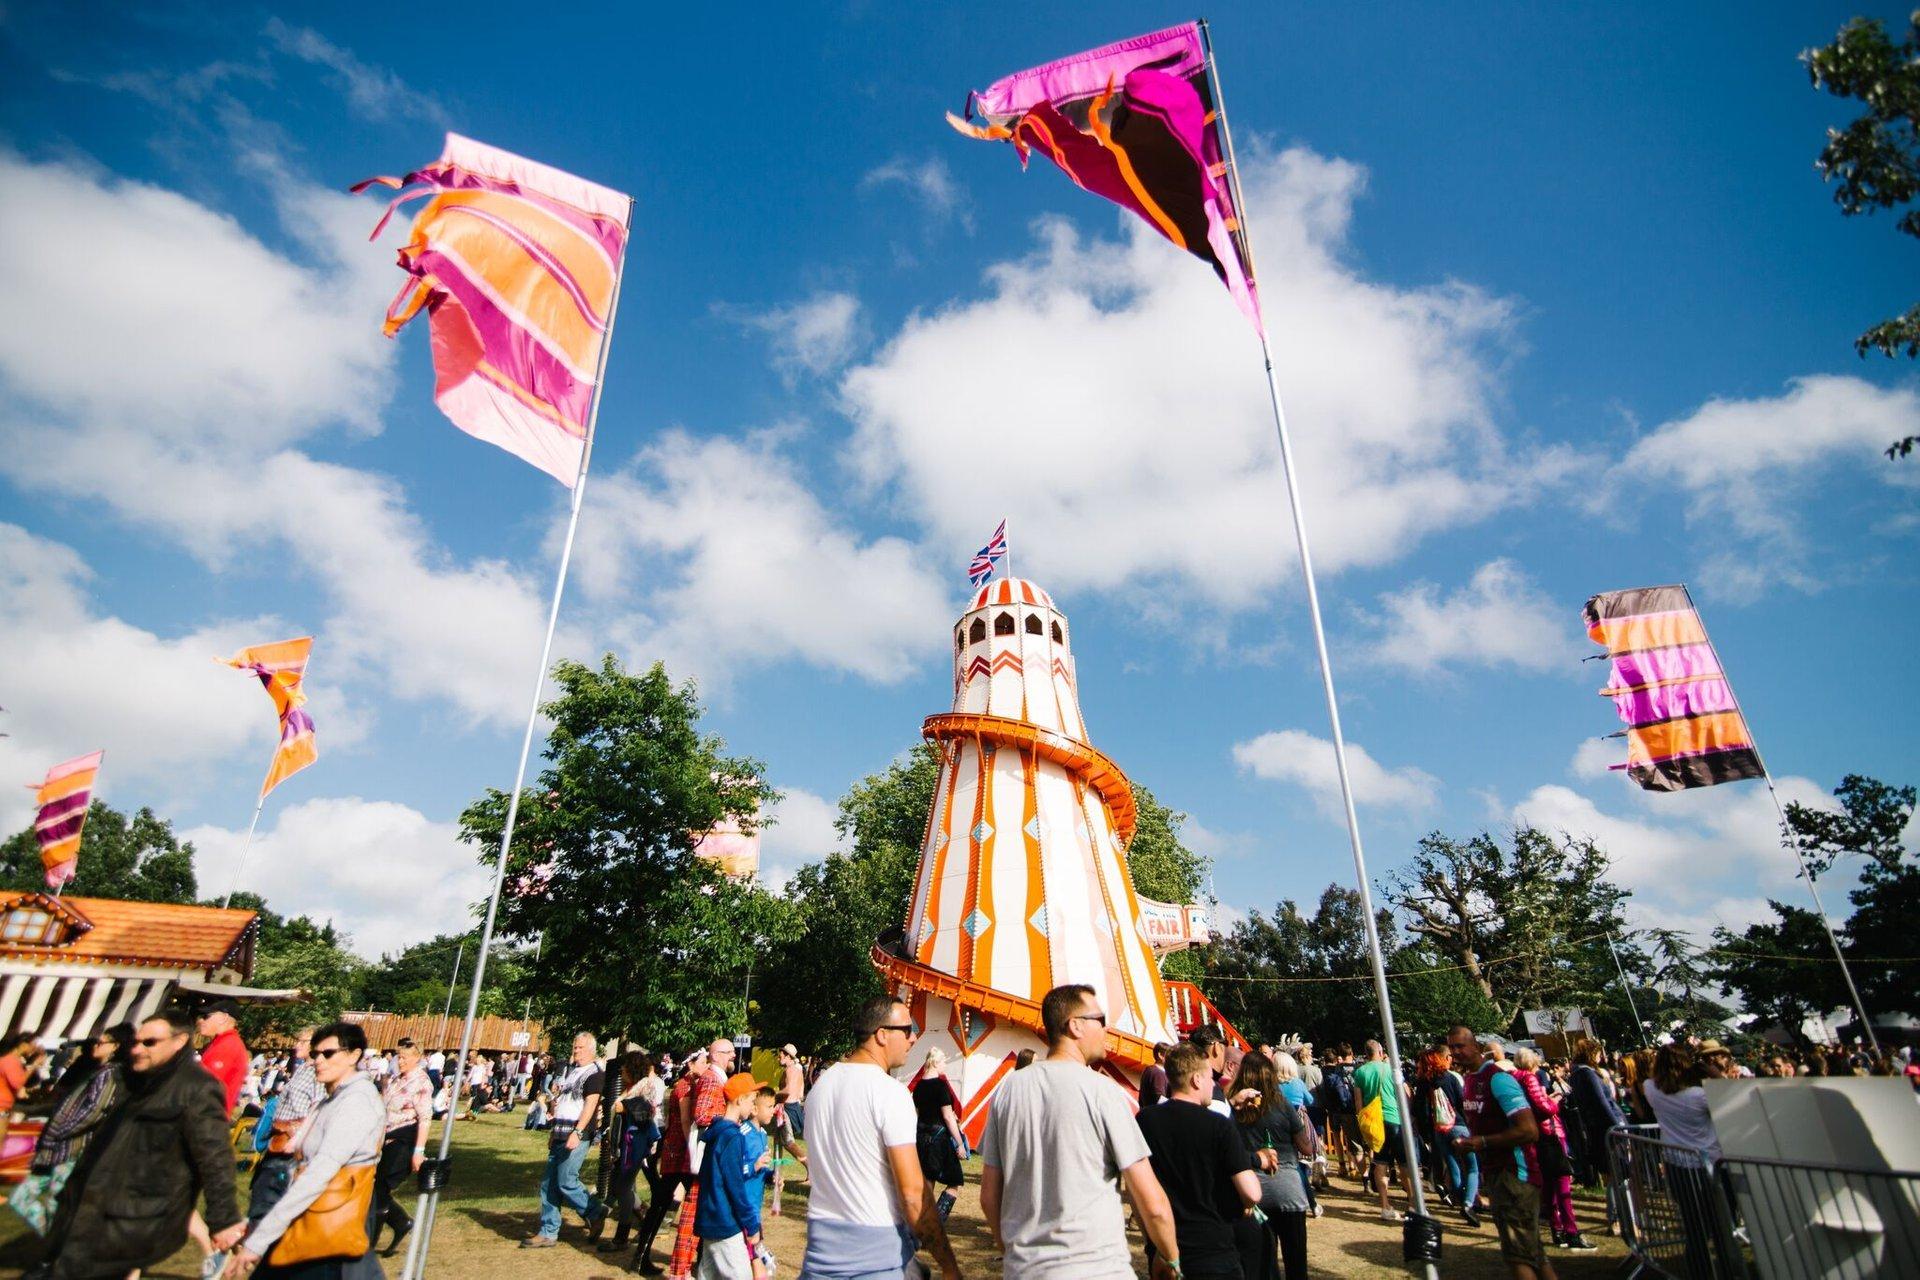 Isle of Wight Festival in England - Best Season 2020